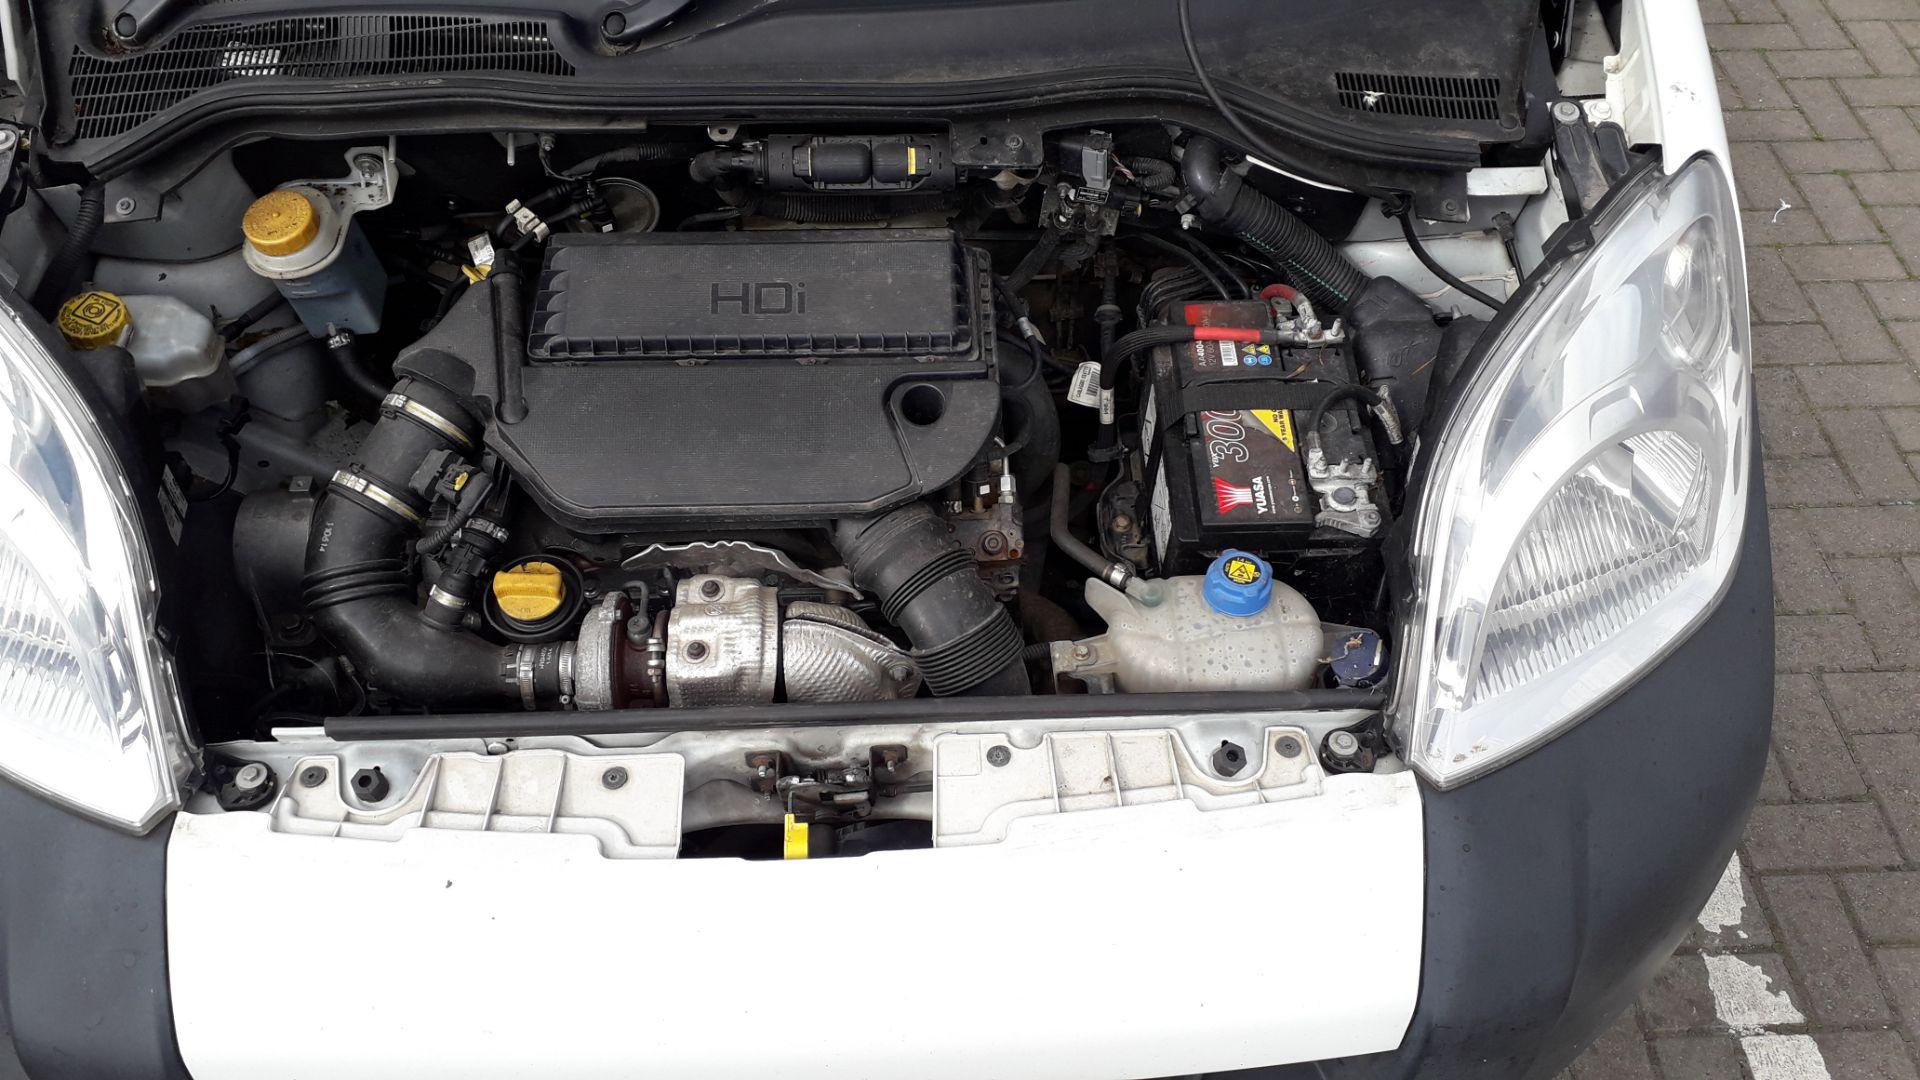 Peugeot Bipper 1.3 Hdi 75 S Diesel Van, Registrati - Image 10 of 13